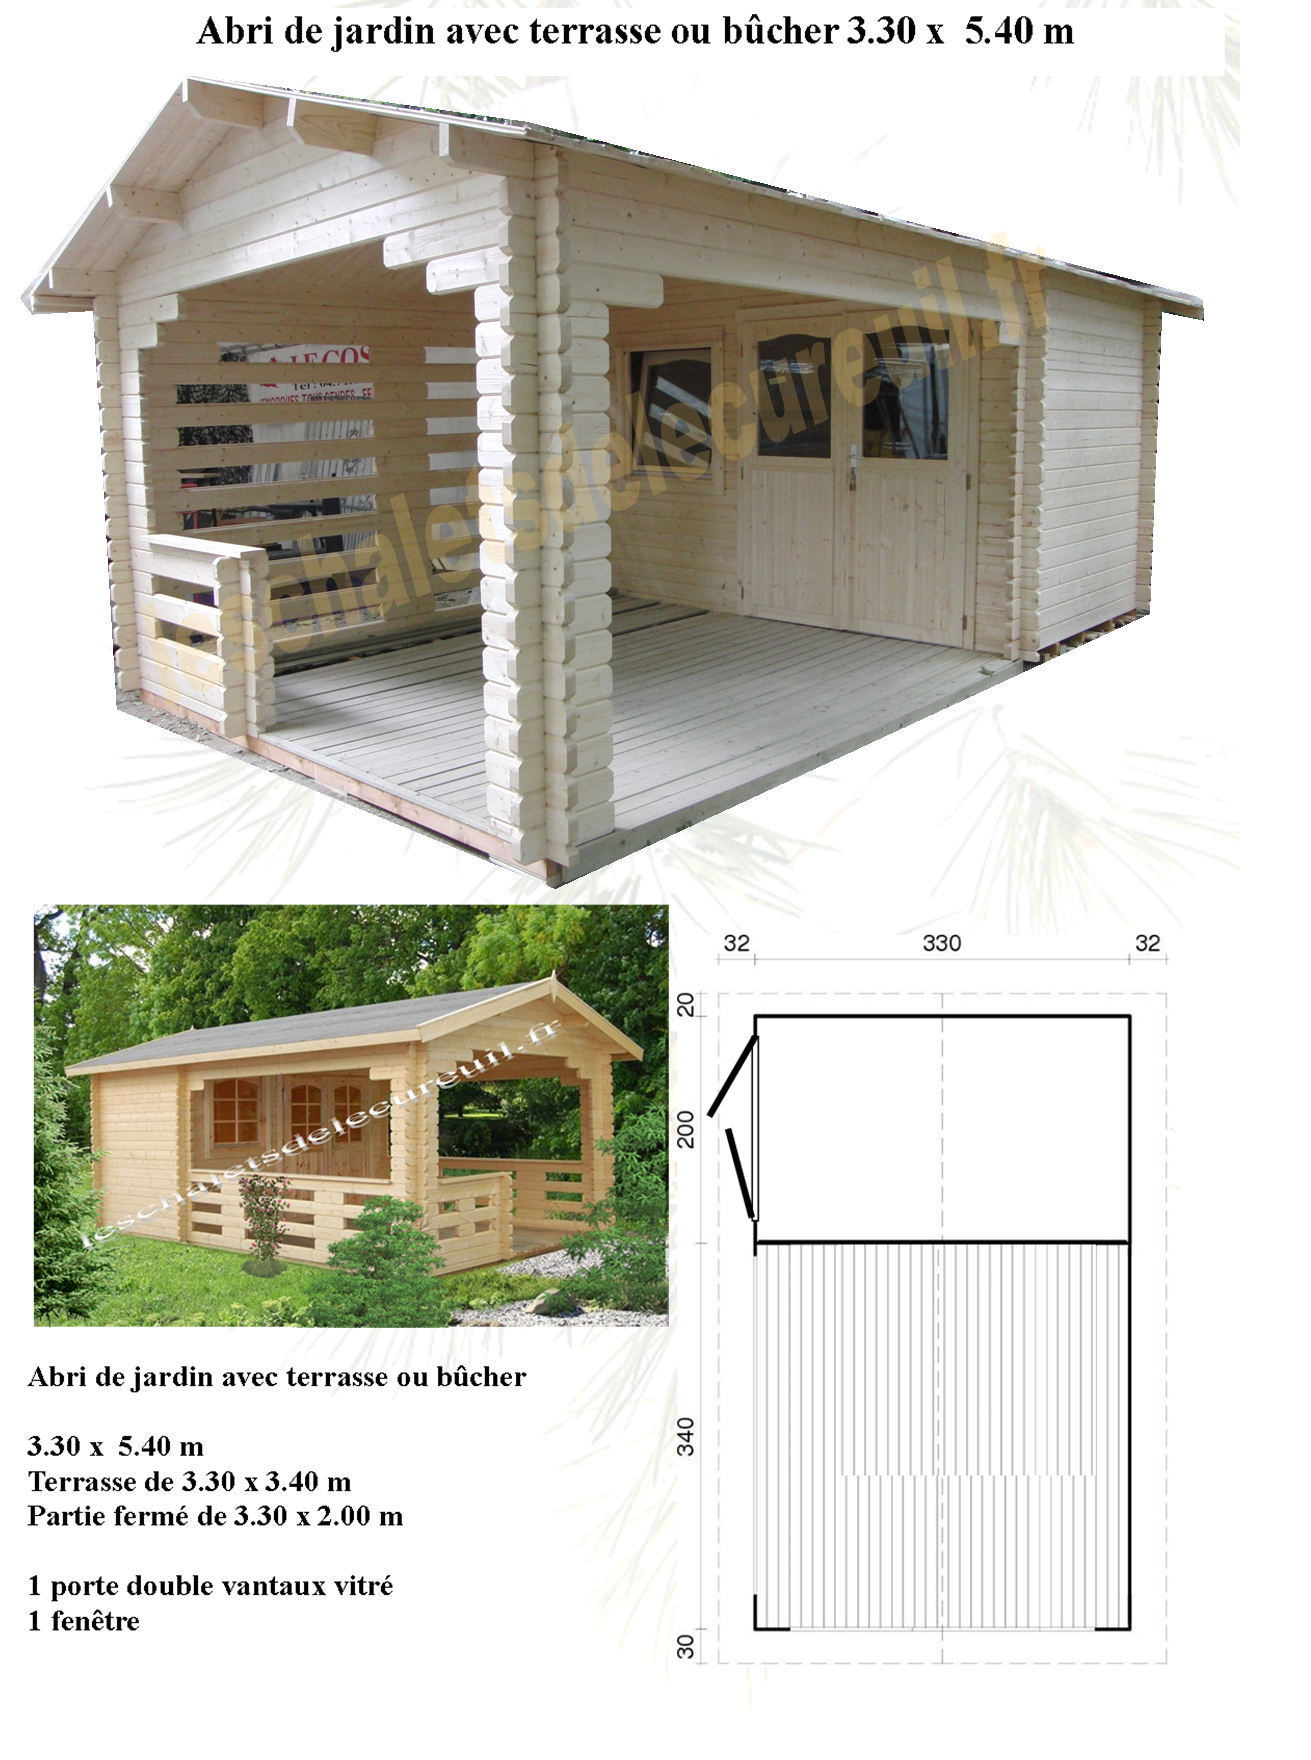 Abri De Jardin Atypique modèle mono pente en 3x2.40 x 5.30 m et 3x2.40 x 5.90 m